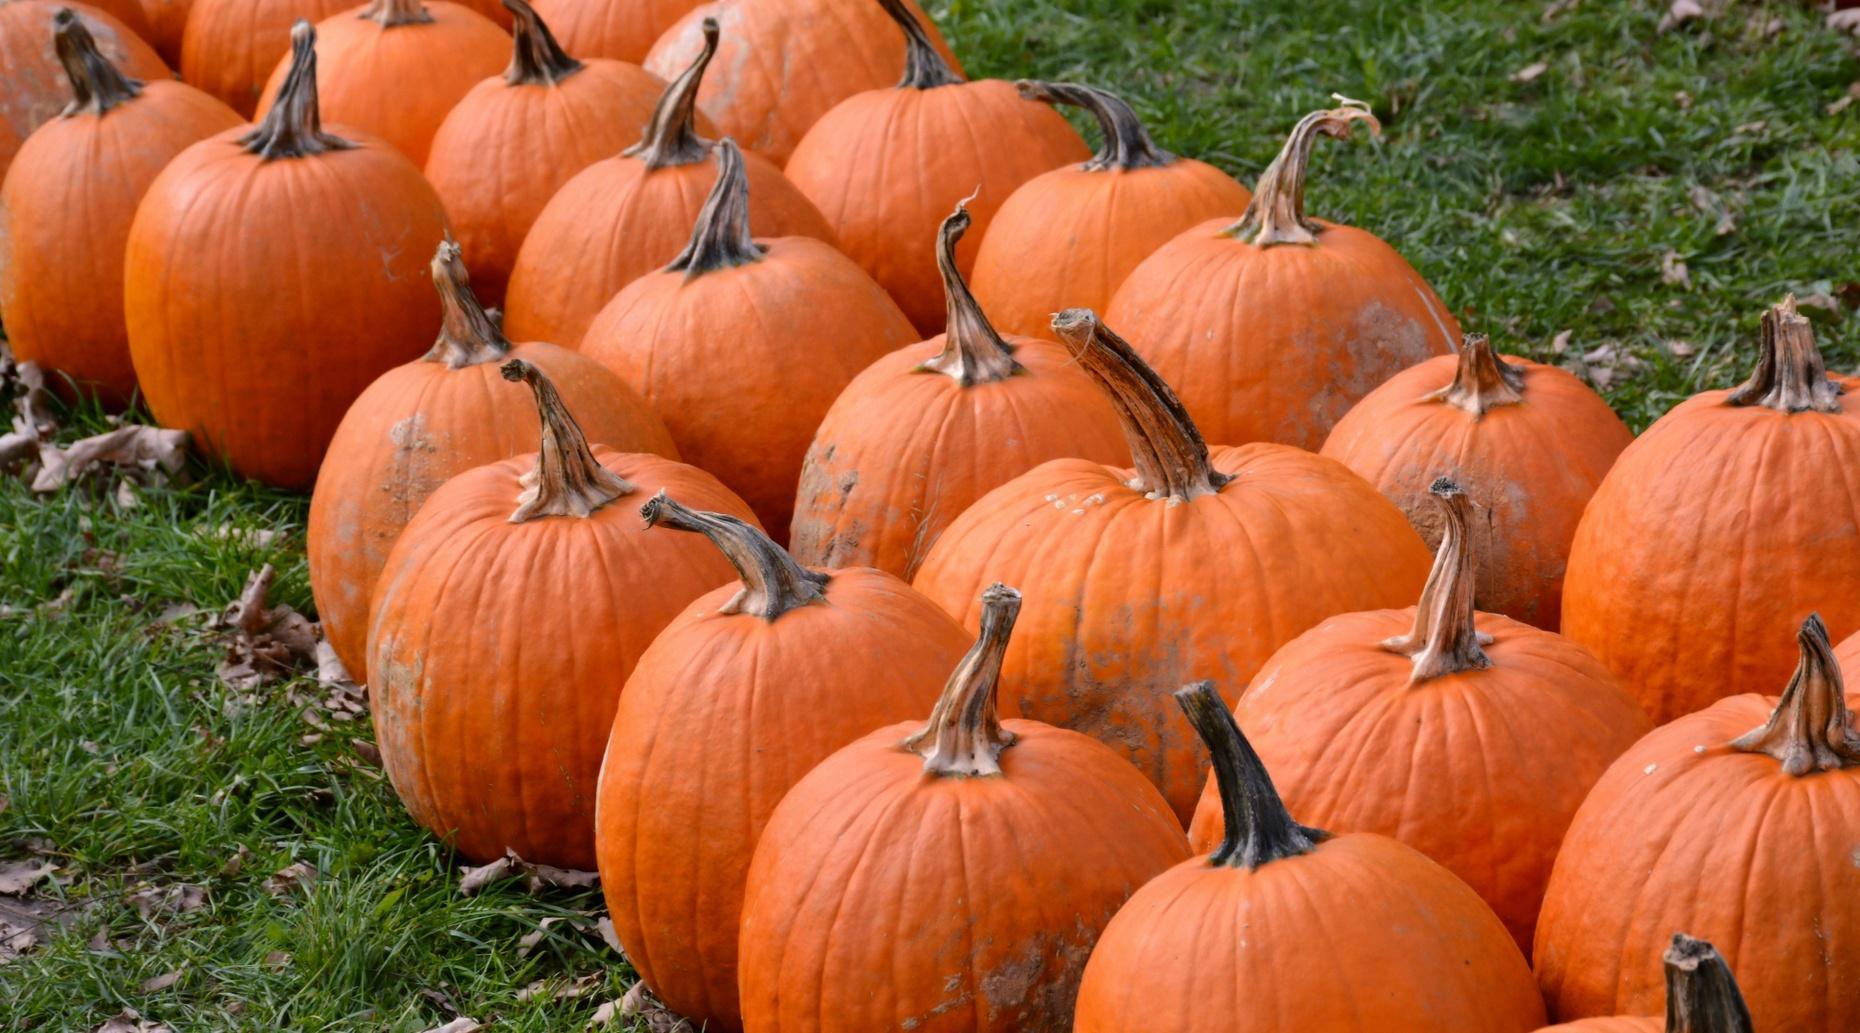 Pumpkin Patch Trip in Provo